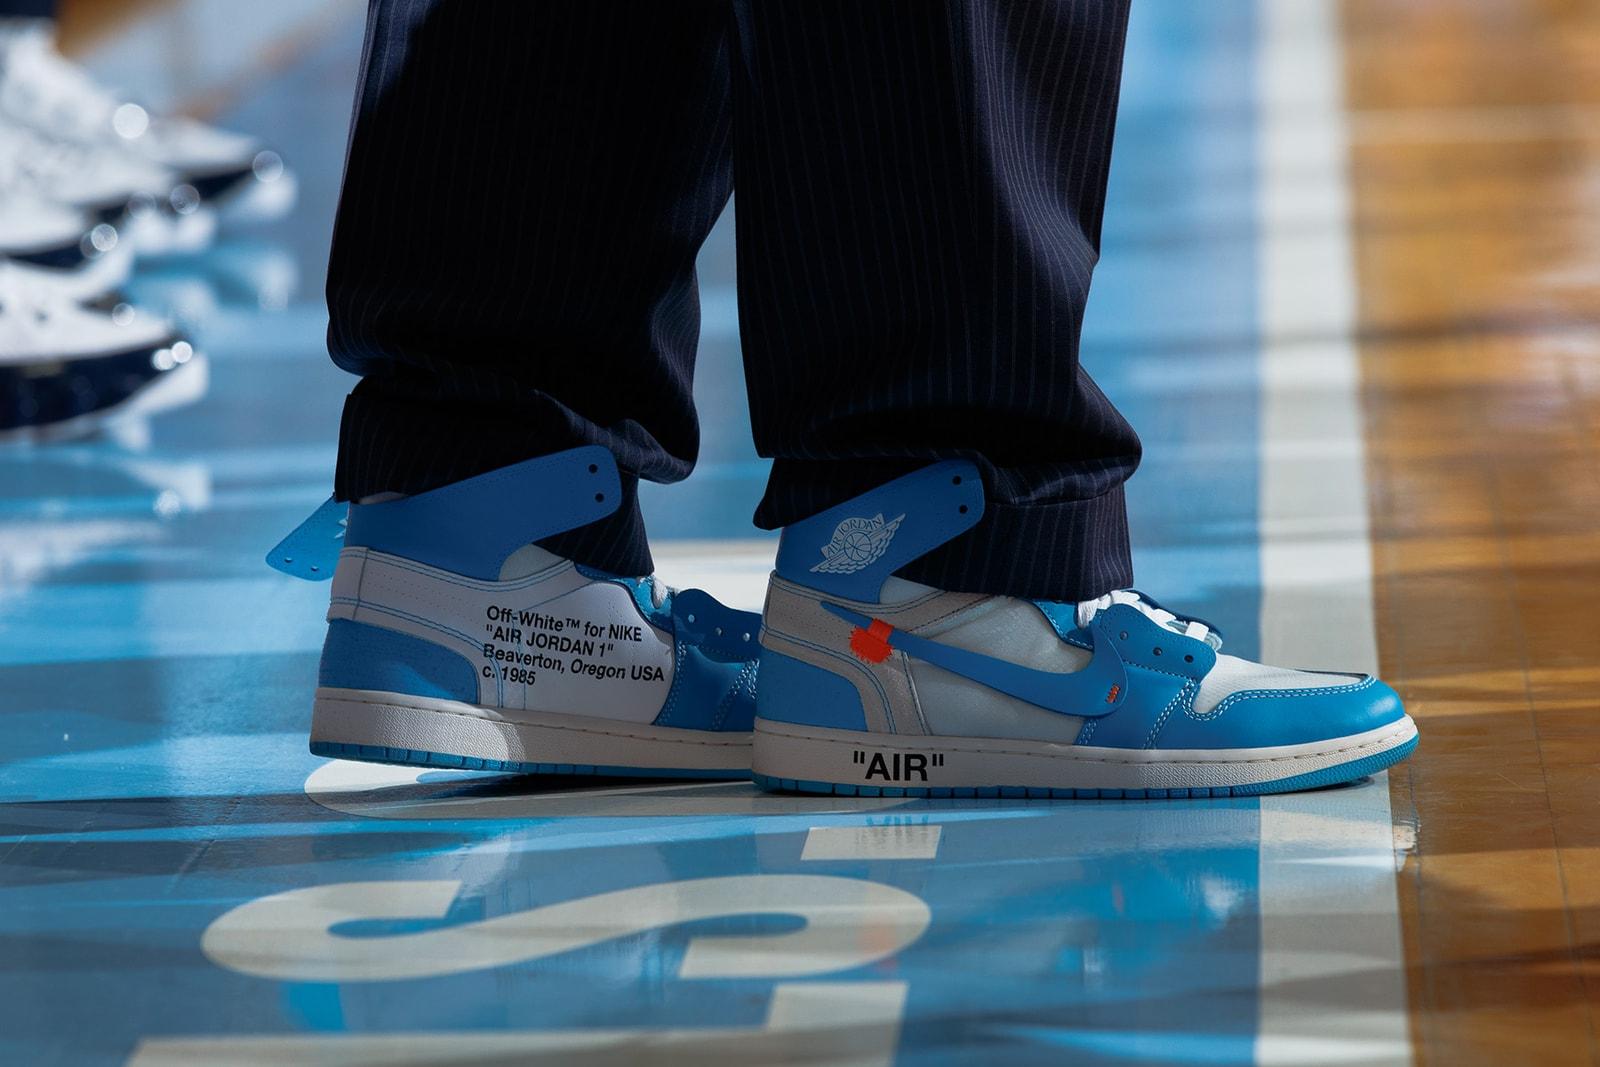 隨著 Travis Scott x Air Jordan 6 正式發佈 | 揭 Jumpman 標誌身世之謎